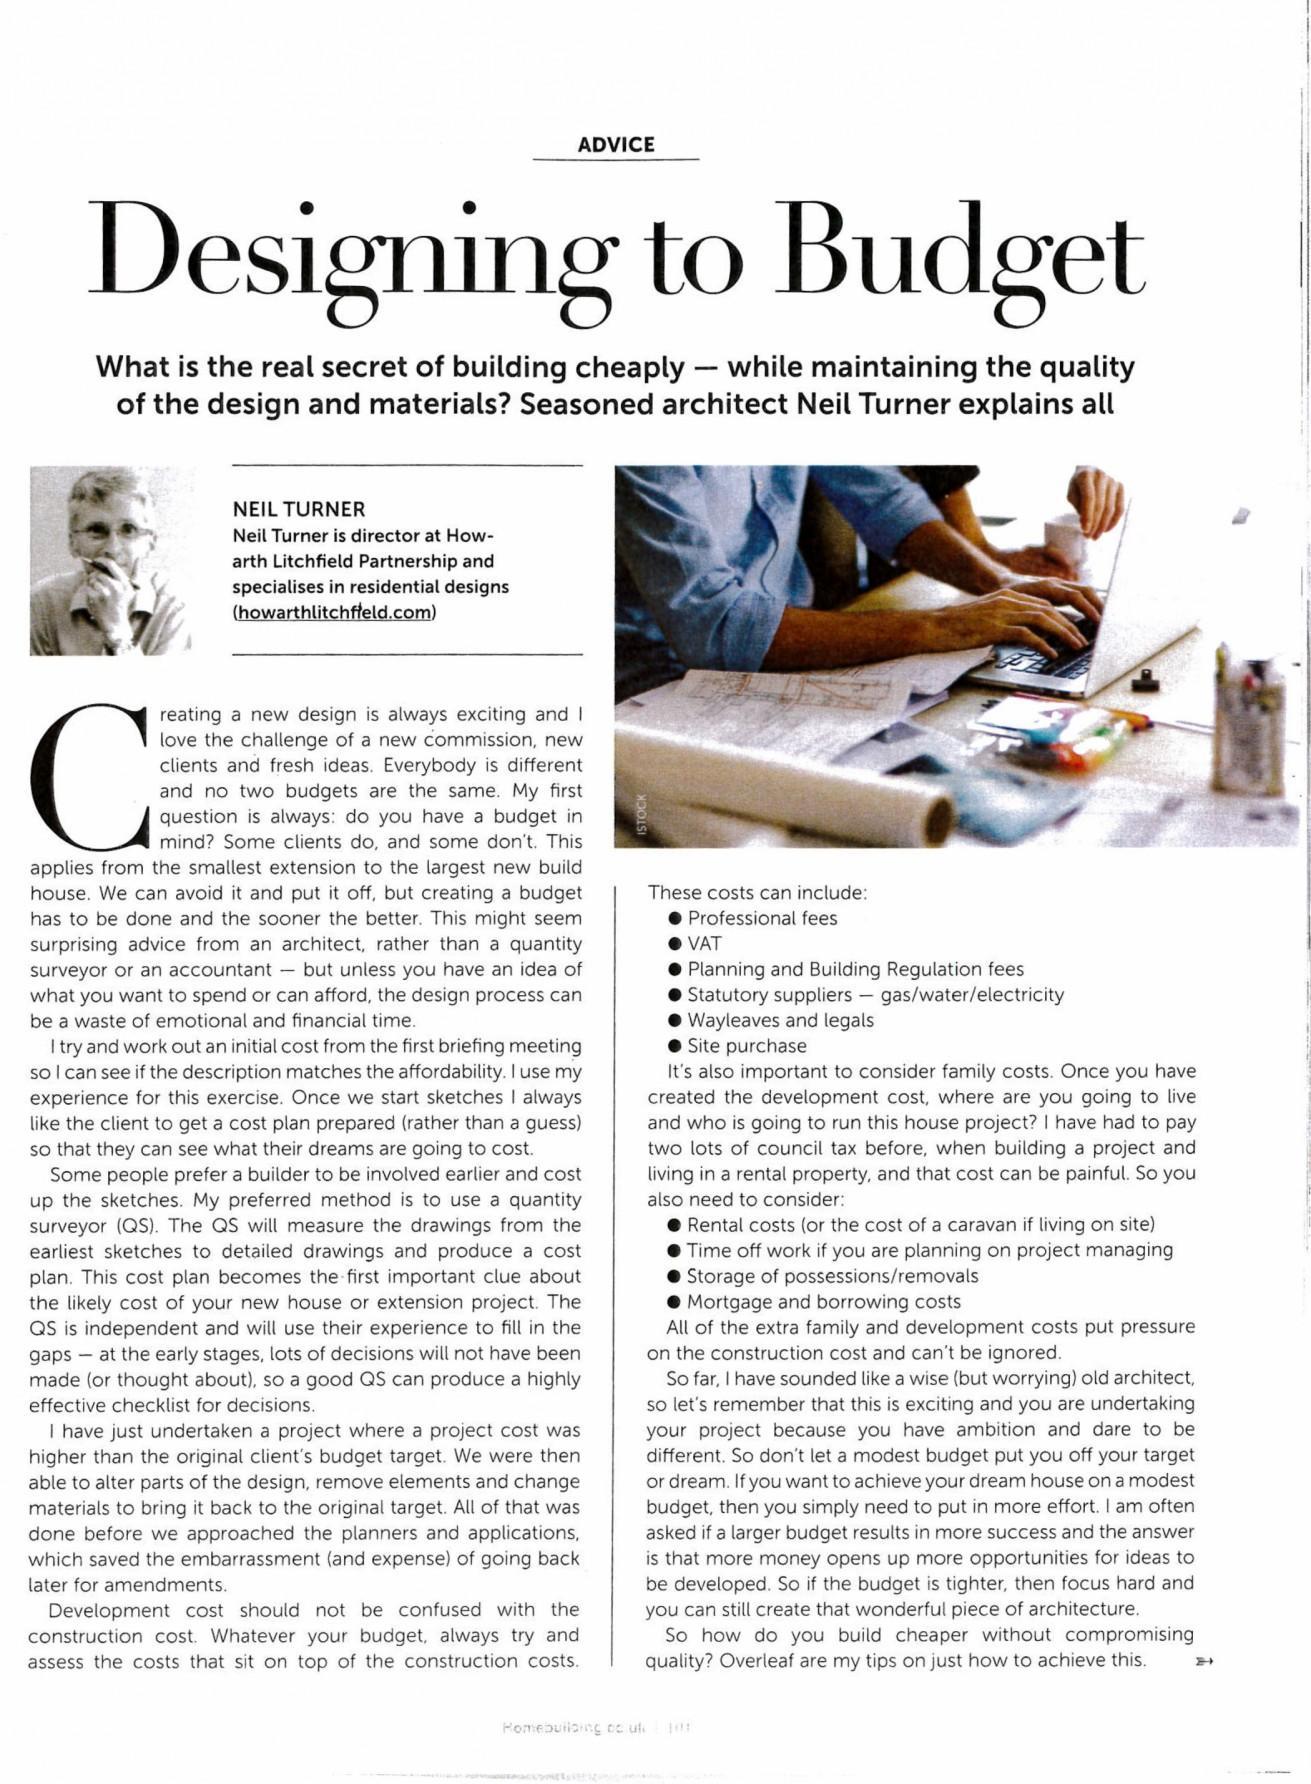 Designing to Budget-1